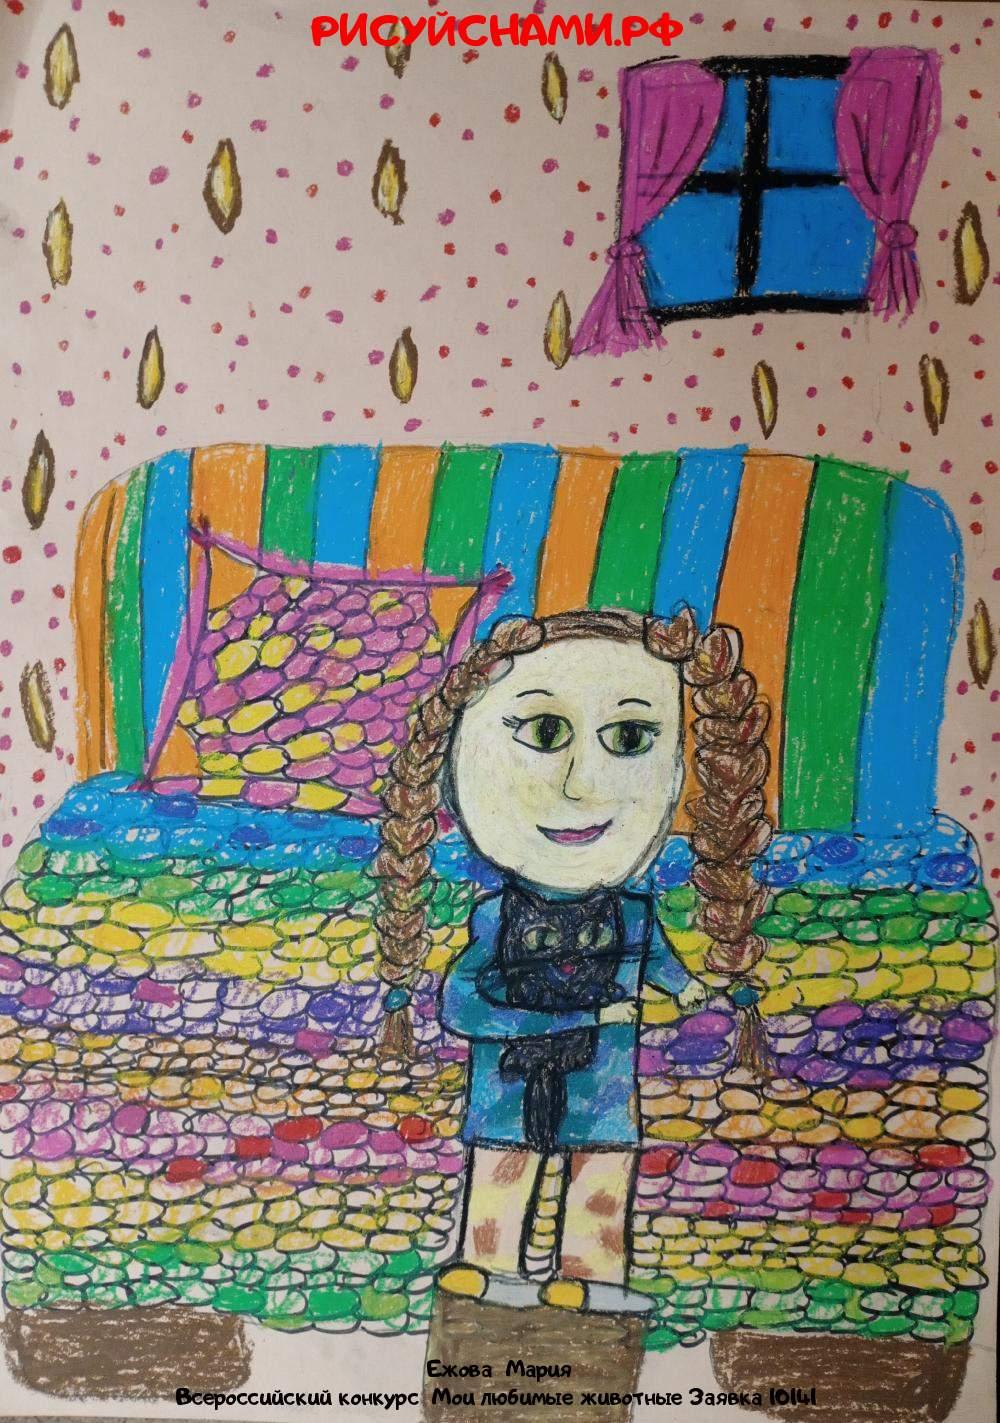 Всероссийский конкурс  Мои любимые животные Заявка 10141  творческие конкурсы рисунков для школьников и дошкольников рисуй с нами #тмрисуйснами рисунок и поделка - Ежова  Мария